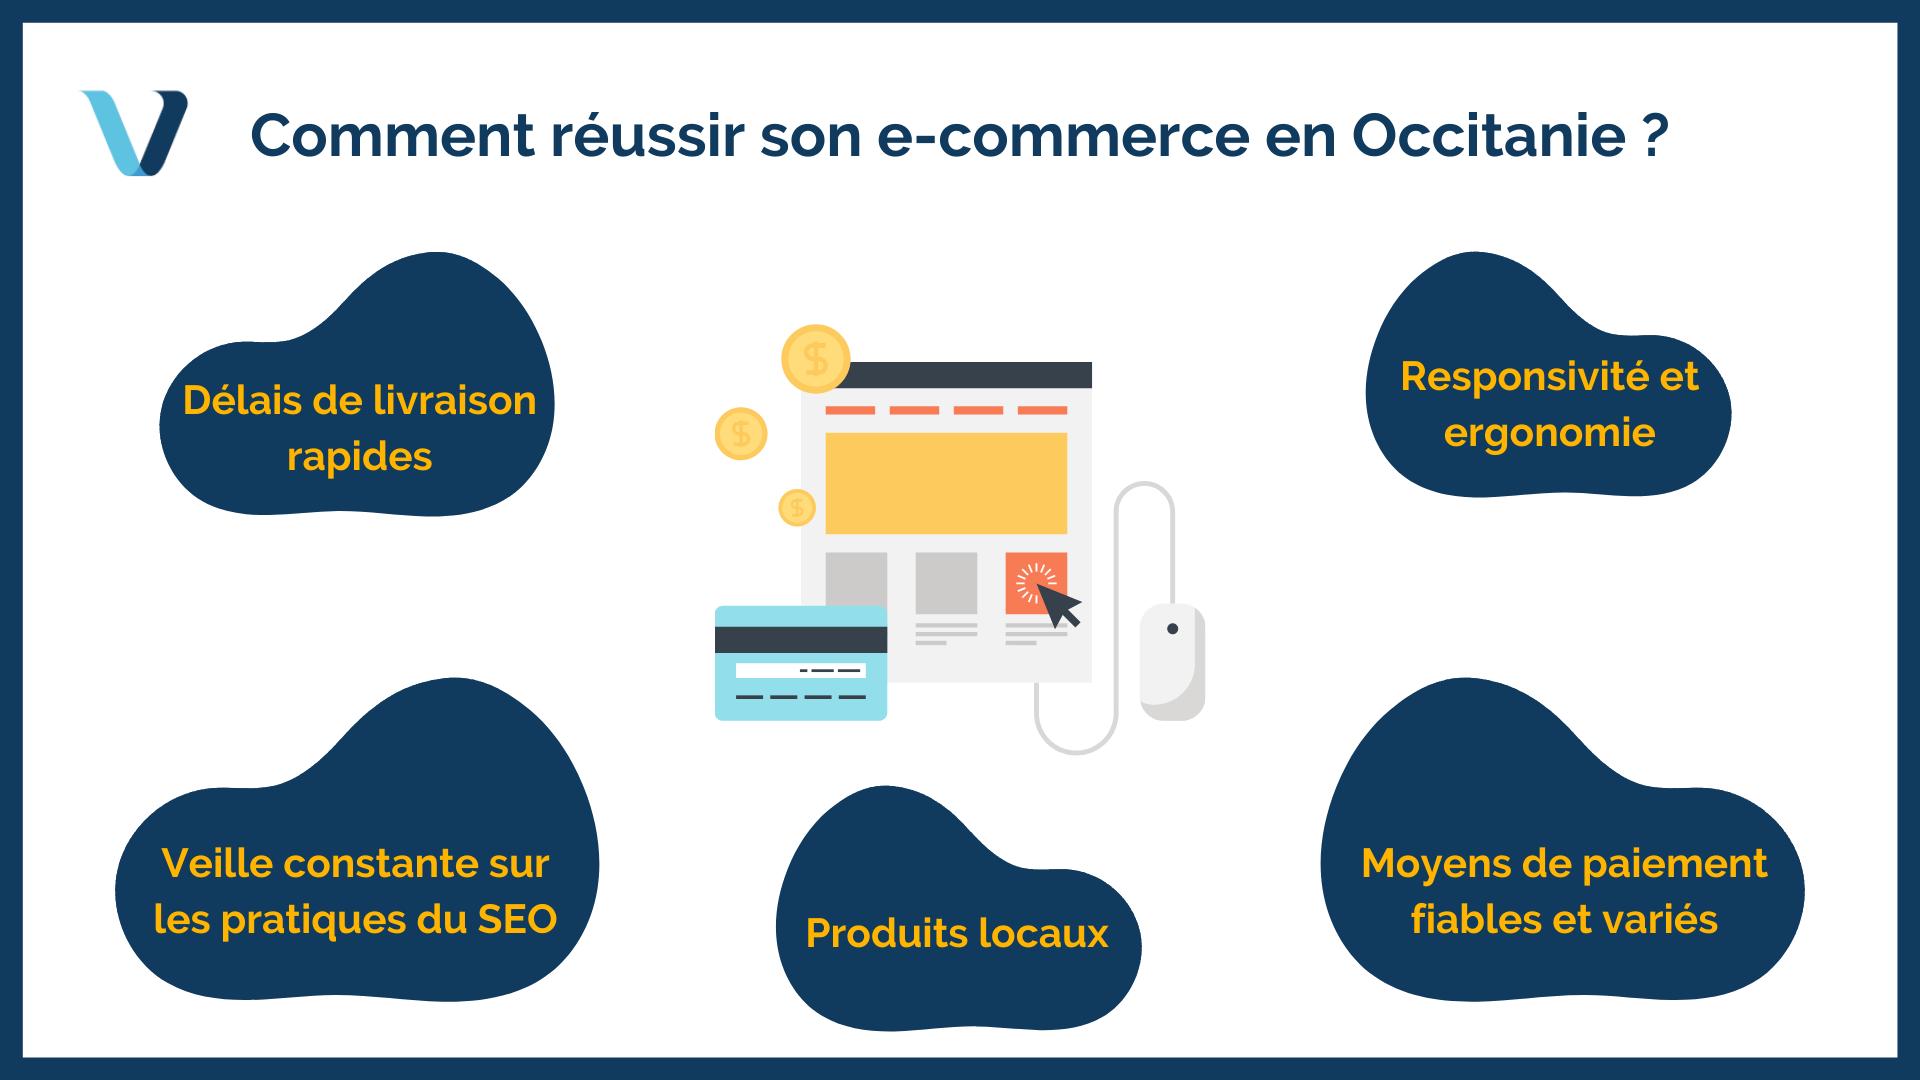 Comment réussir son e-commerce en Occitanie avec la crise sanitaire actuelle ?